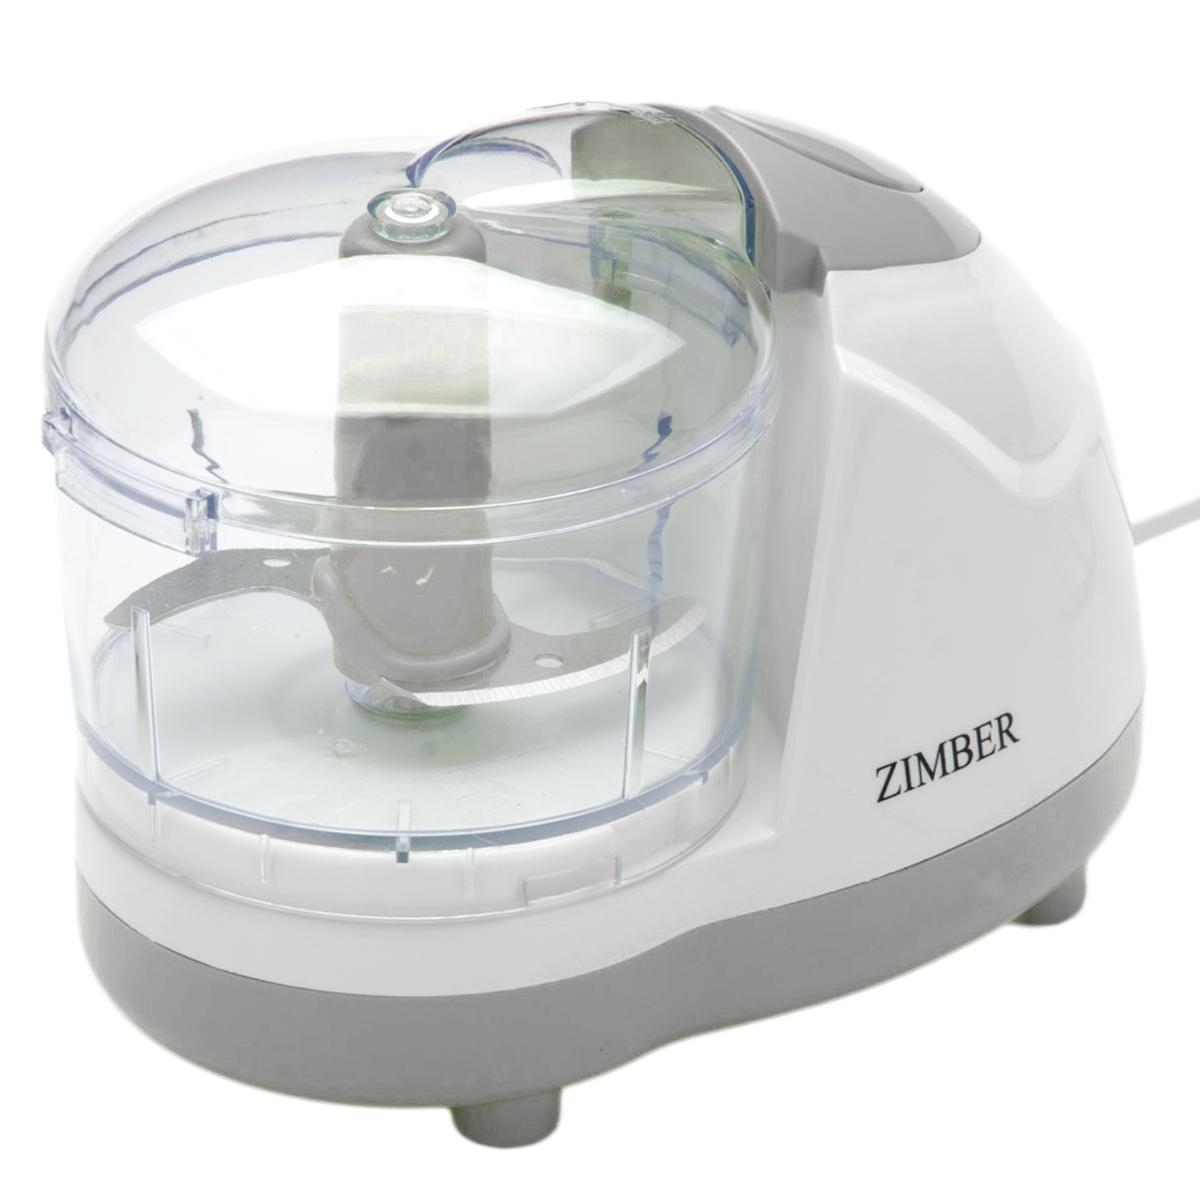 Zimber ZM-10991 измельчительZM-10991